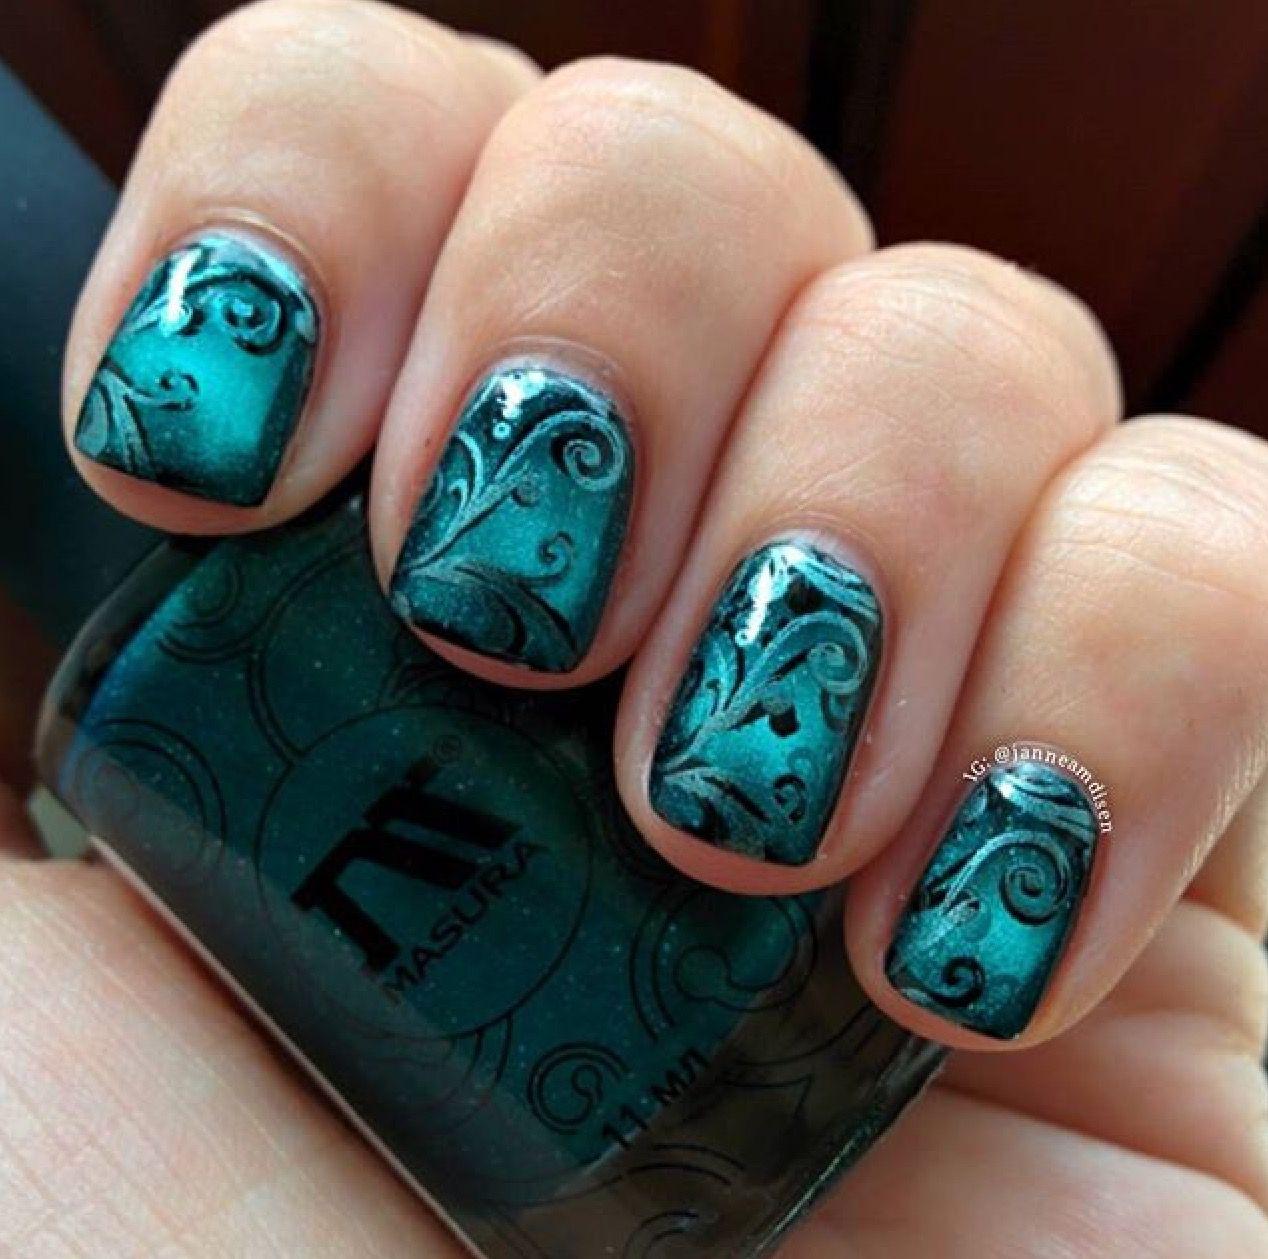 Pin by Amanda Searles on Nail art | Nail art, Nails ...